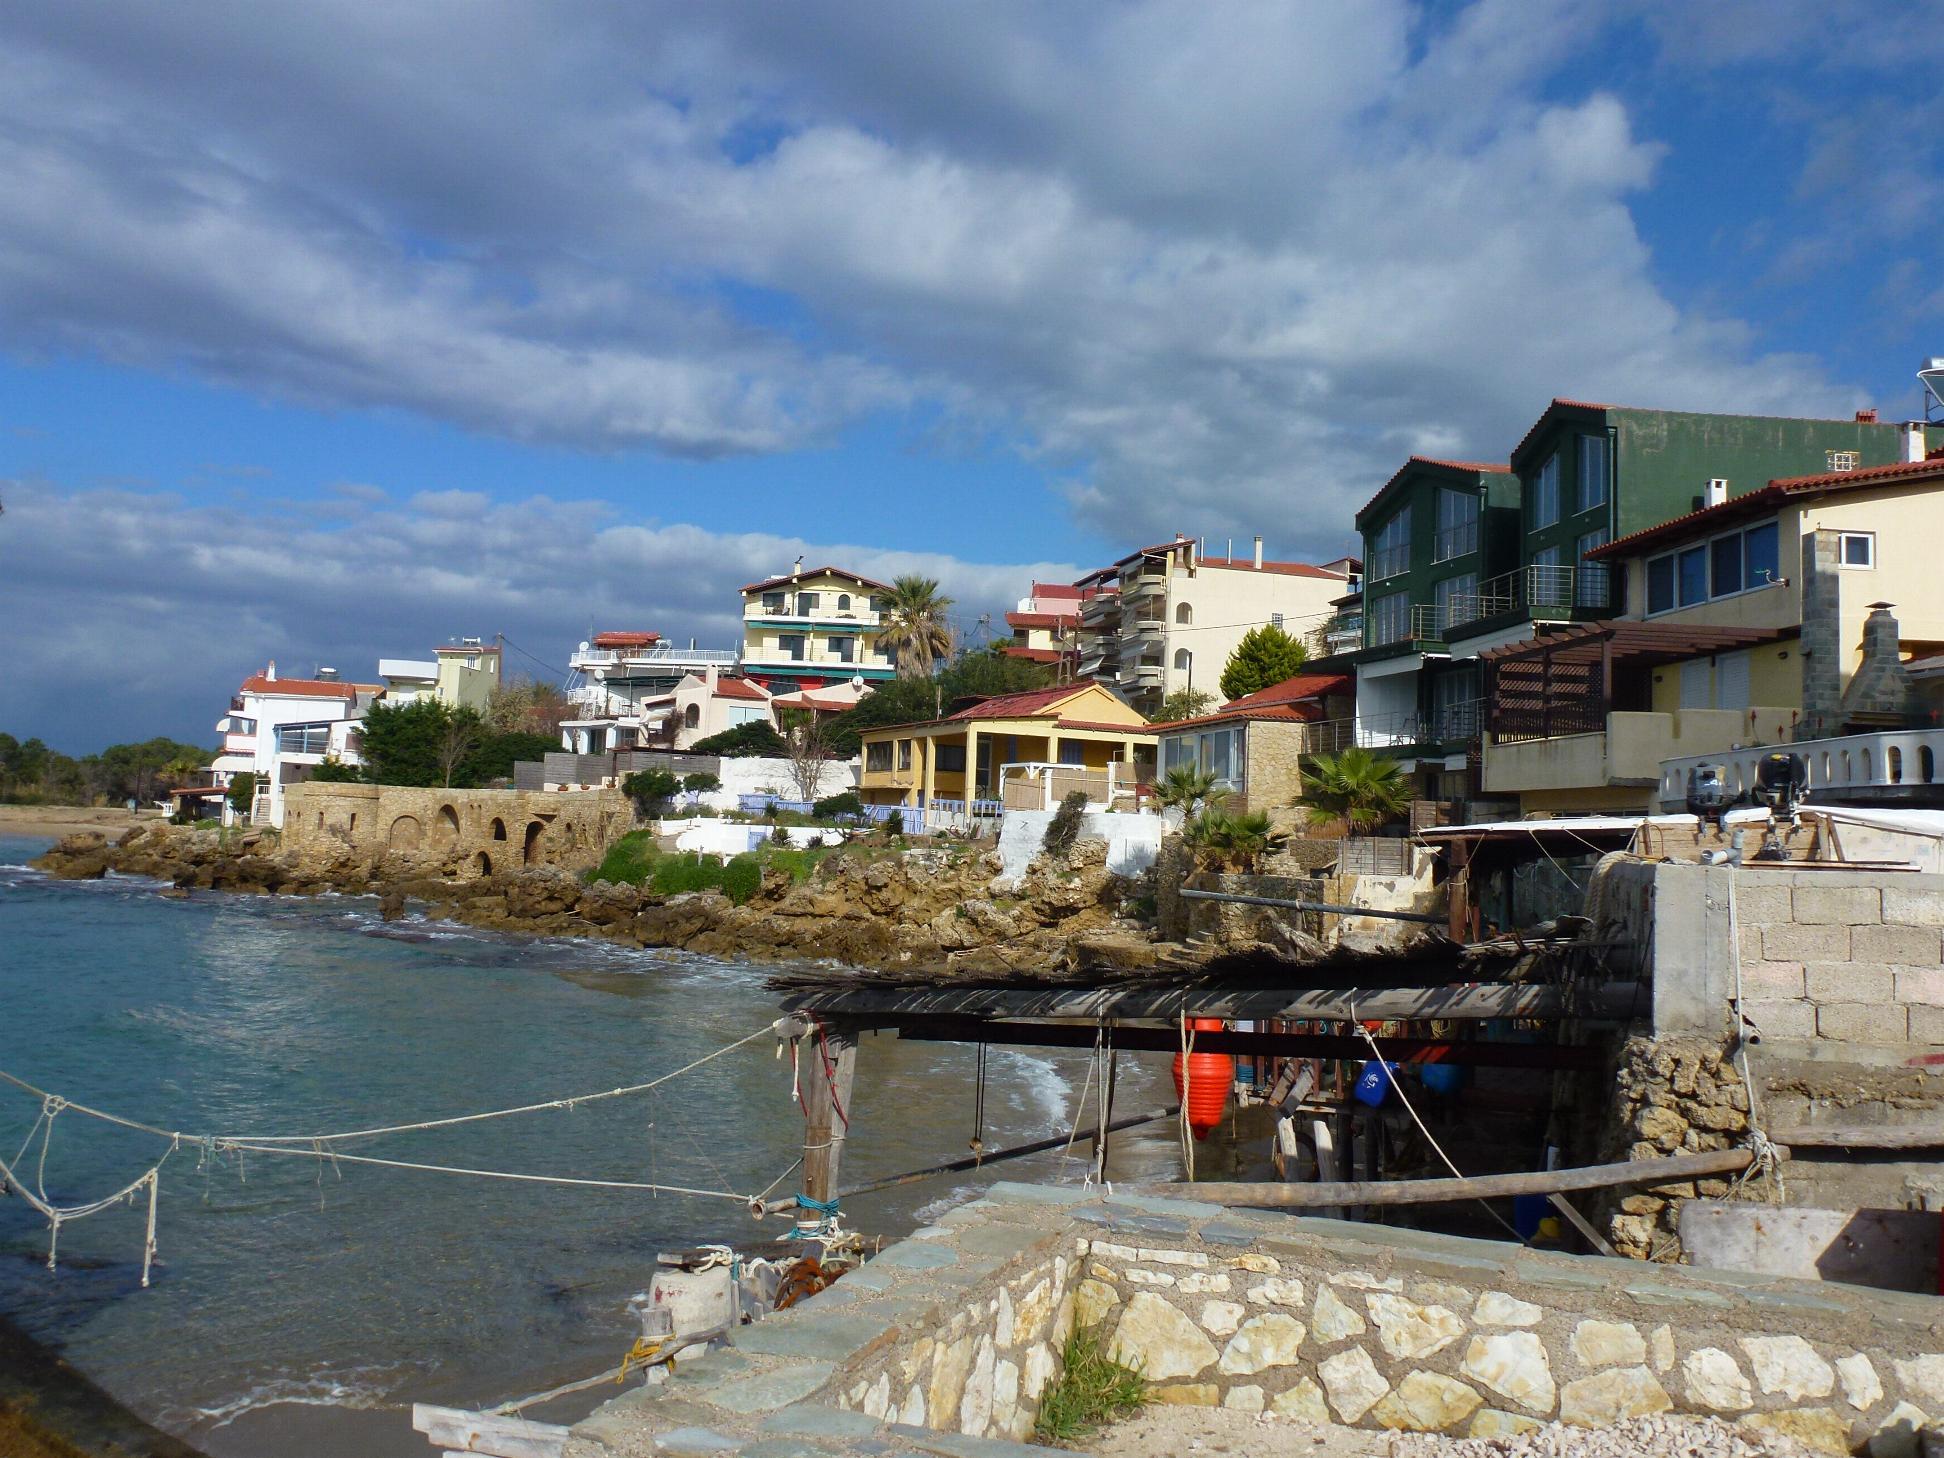 Noleggio Barche Isola di Arkoudi - Navalia | Noleggia un Sogno